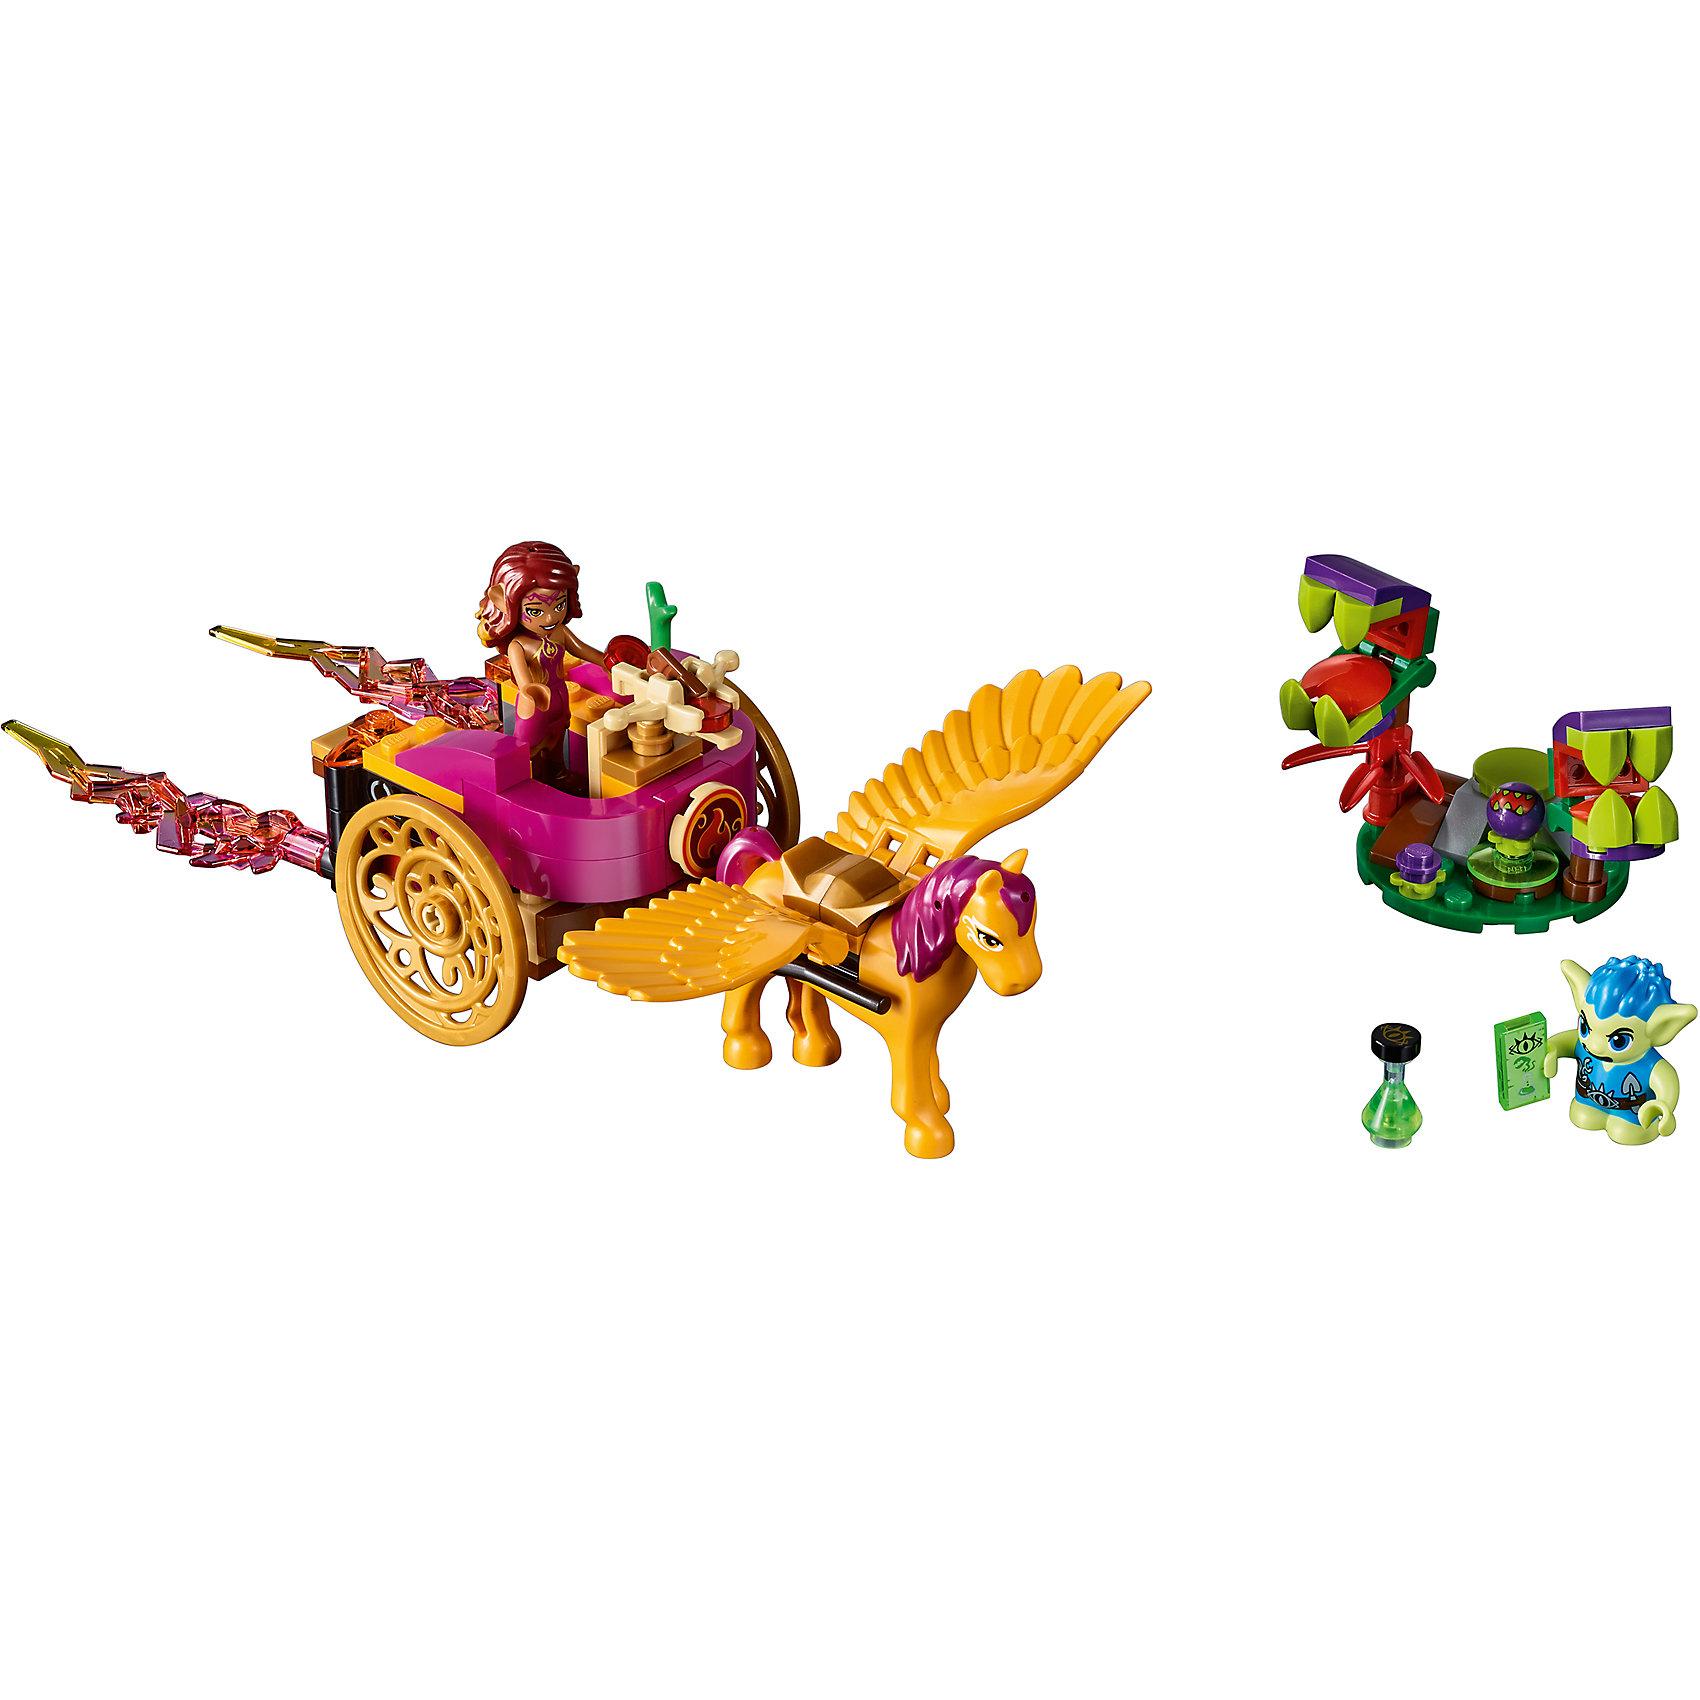 Конструктор Lego Elves 41186: Побег Азари из леса гоблиновПластмассовые конструкторы<br>Характеристики товара:<br><br>• возраст: от 7 лет;<br>• материал: пластик;<br>• в комплекте: 145 деталей;<br>• количество мини-фигурок: 2<br>• размер упаковки: 26,2х14,1х4,8 см;<br>• вес упаковки: 220 гр.;<br>• страна производитель: Китай.<br><br>Конструктор Lego Elves «Побег Азари из леса гоблинов» относится к серии Лего Эльфы, рассказывающей о хранительнице портала между миром эльфов и людей Эмили Джонс. Эльф огня Азари торопится на помощь Эмили Джонс, которая хочет спасти свою сестру от Короля Гоблинов. Азари отправляется на поиски на большой карете, запряженной золотым пегасом. А преследует ее маленький опасный гоблин Гакслин. <br><br>Из элементов конструктора предстоит собрать 2 фигурки героев, карету и растения. С ними девочка сможет придумать захватывающие сюжеты для игры. Сборка конструктора развивает у детей мелкую моторику рук, усидчивость, логическое мышление.<br><br>Конструктор Lego Elves «Побег Азари из леса гоблинов» можно приобрести в нашем интернет-магазине.<br><br>Ширина мм: 264<br>Глубина мм: 142<br>Высота мм: 53<br>Вес г: 215<br>Возраст от месяцев: 84<br>Возраст до месяцев: 2147483647<br>Пол: Женский<br>Возраст: Детский<br>SKU: 5620041